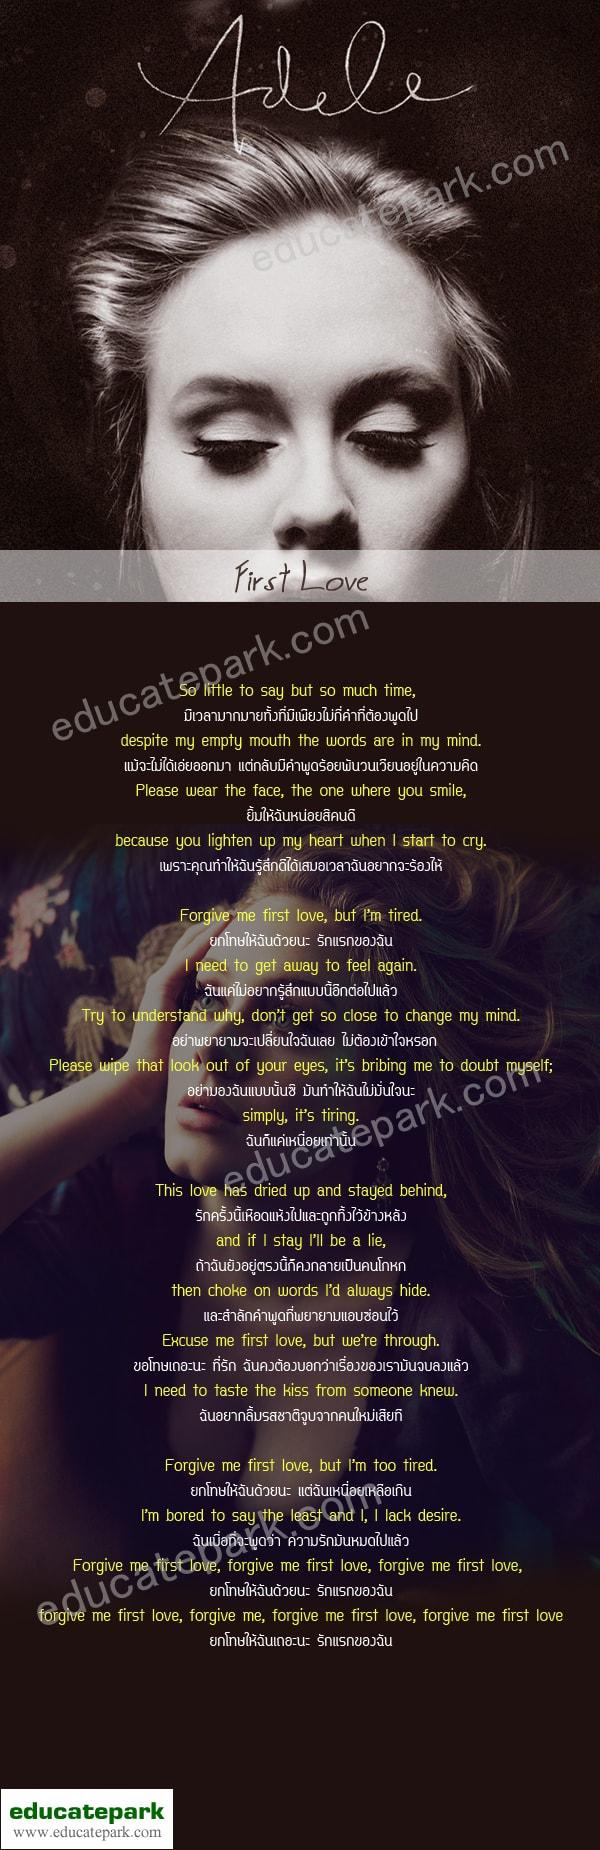 แปลเพลง First Love - Adele